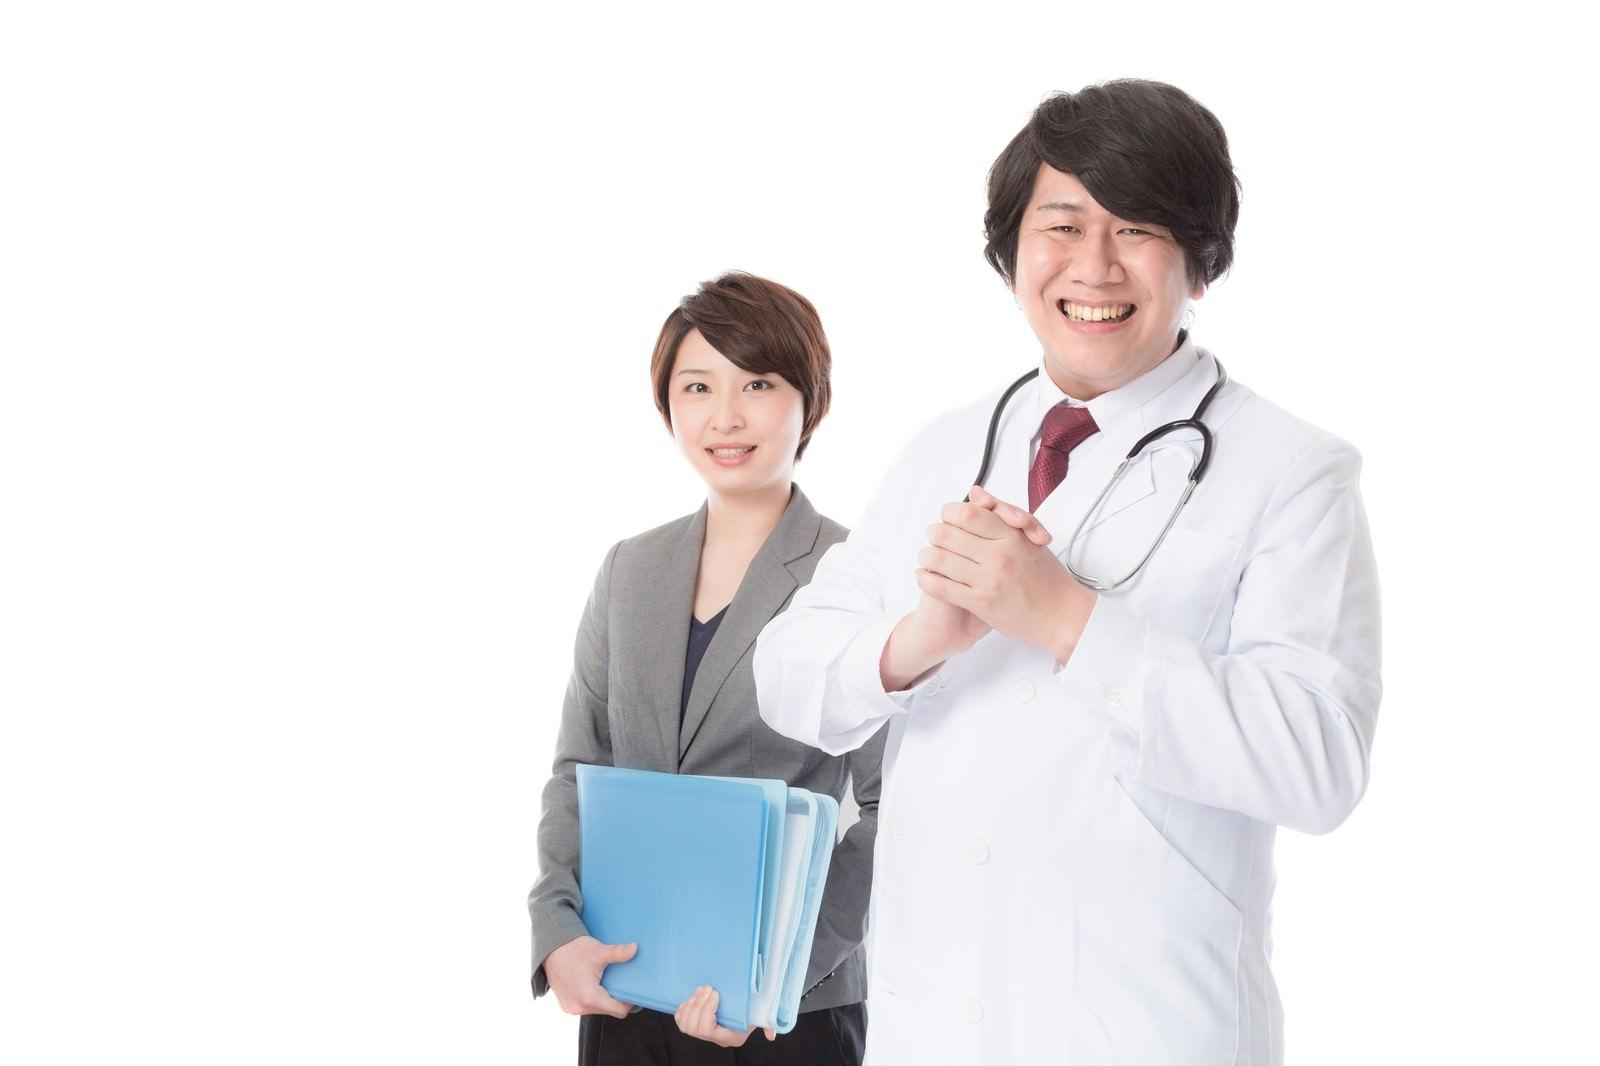 「病気の予防・治療のため医療機器を提案する営業担当」の写真[モデル:八木彩香 あまのじゃく]